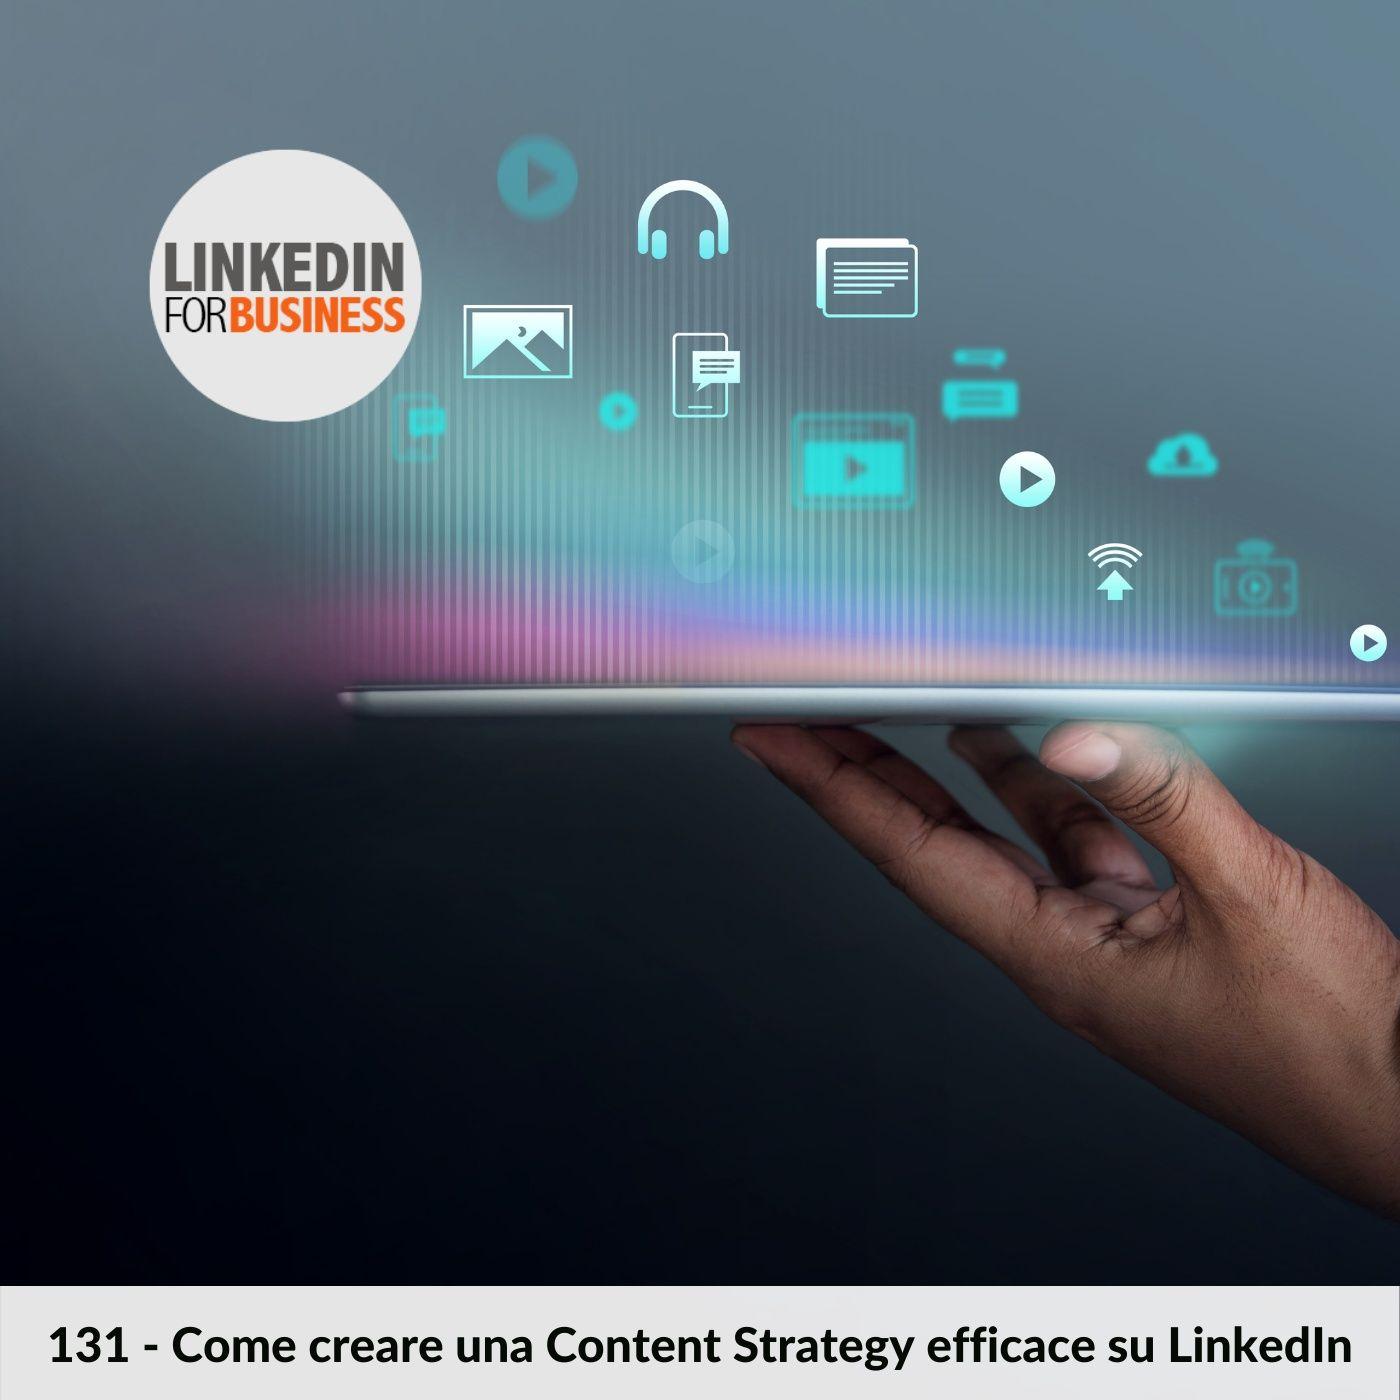 131 - Come creare una Content Strategy efficace su LinkedIn